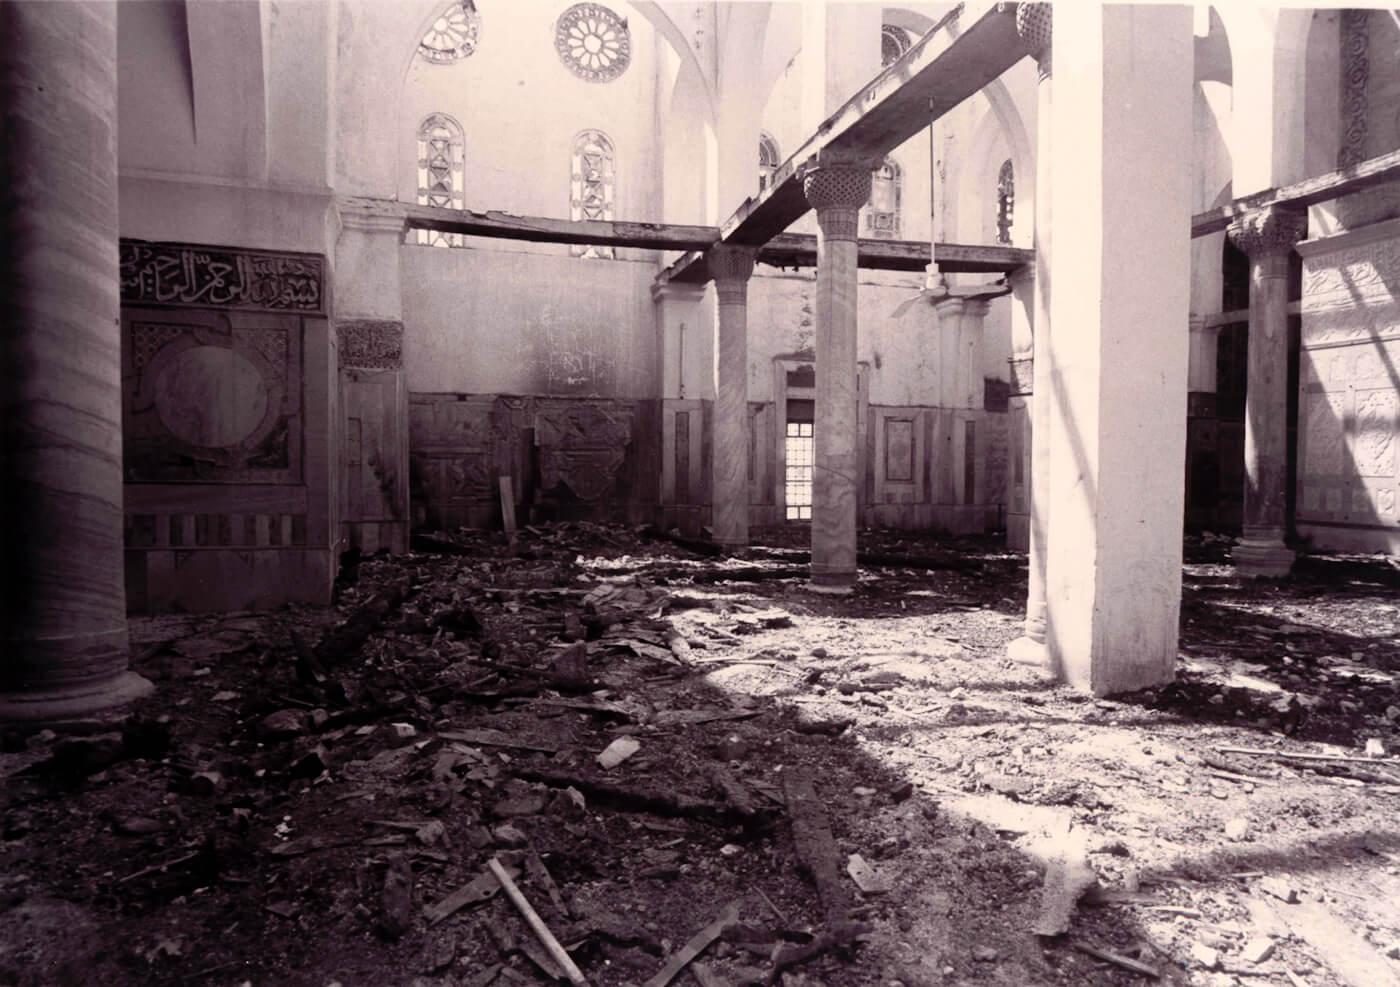 1969 al Aqsa fire